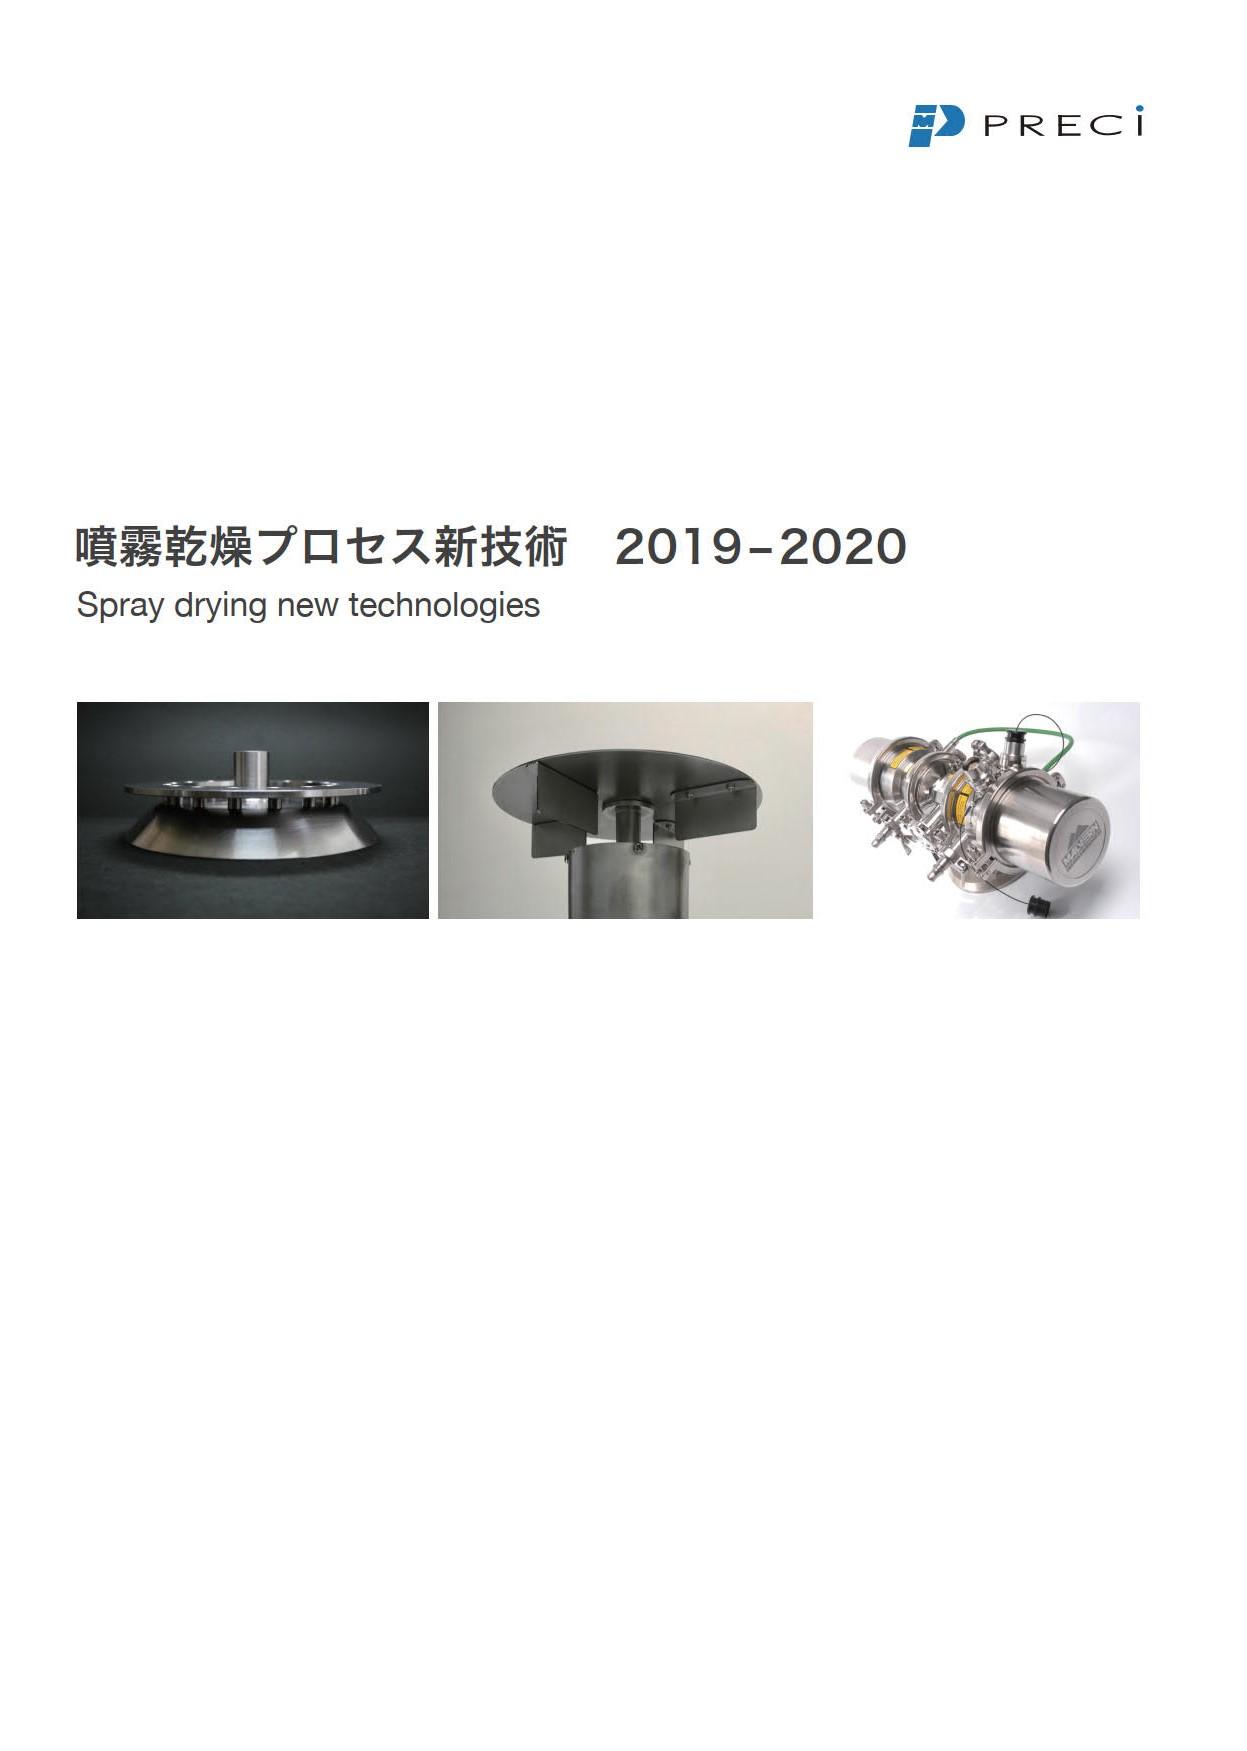 噴霧乾燥プロセス新技術